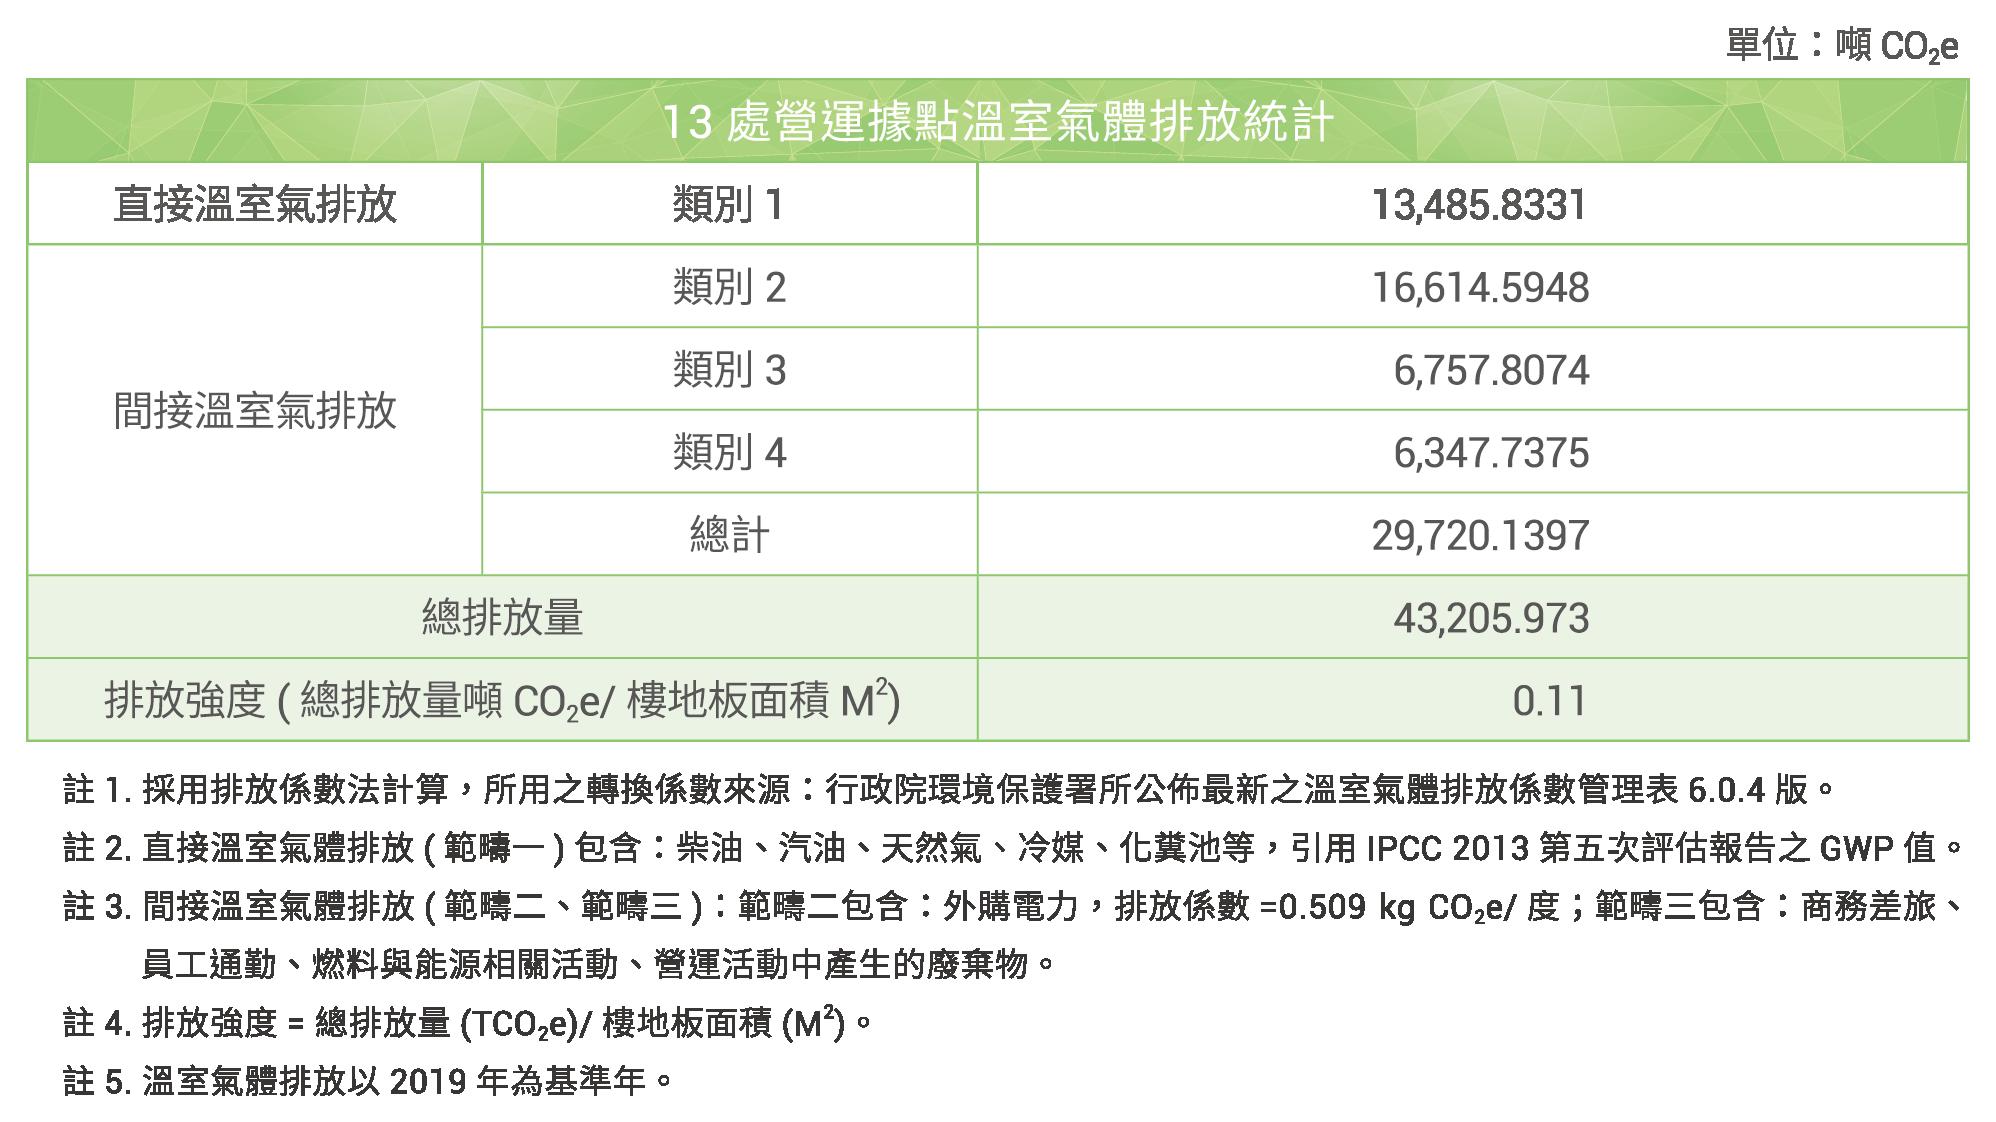 13 處營運據點溫室氣體排放統計